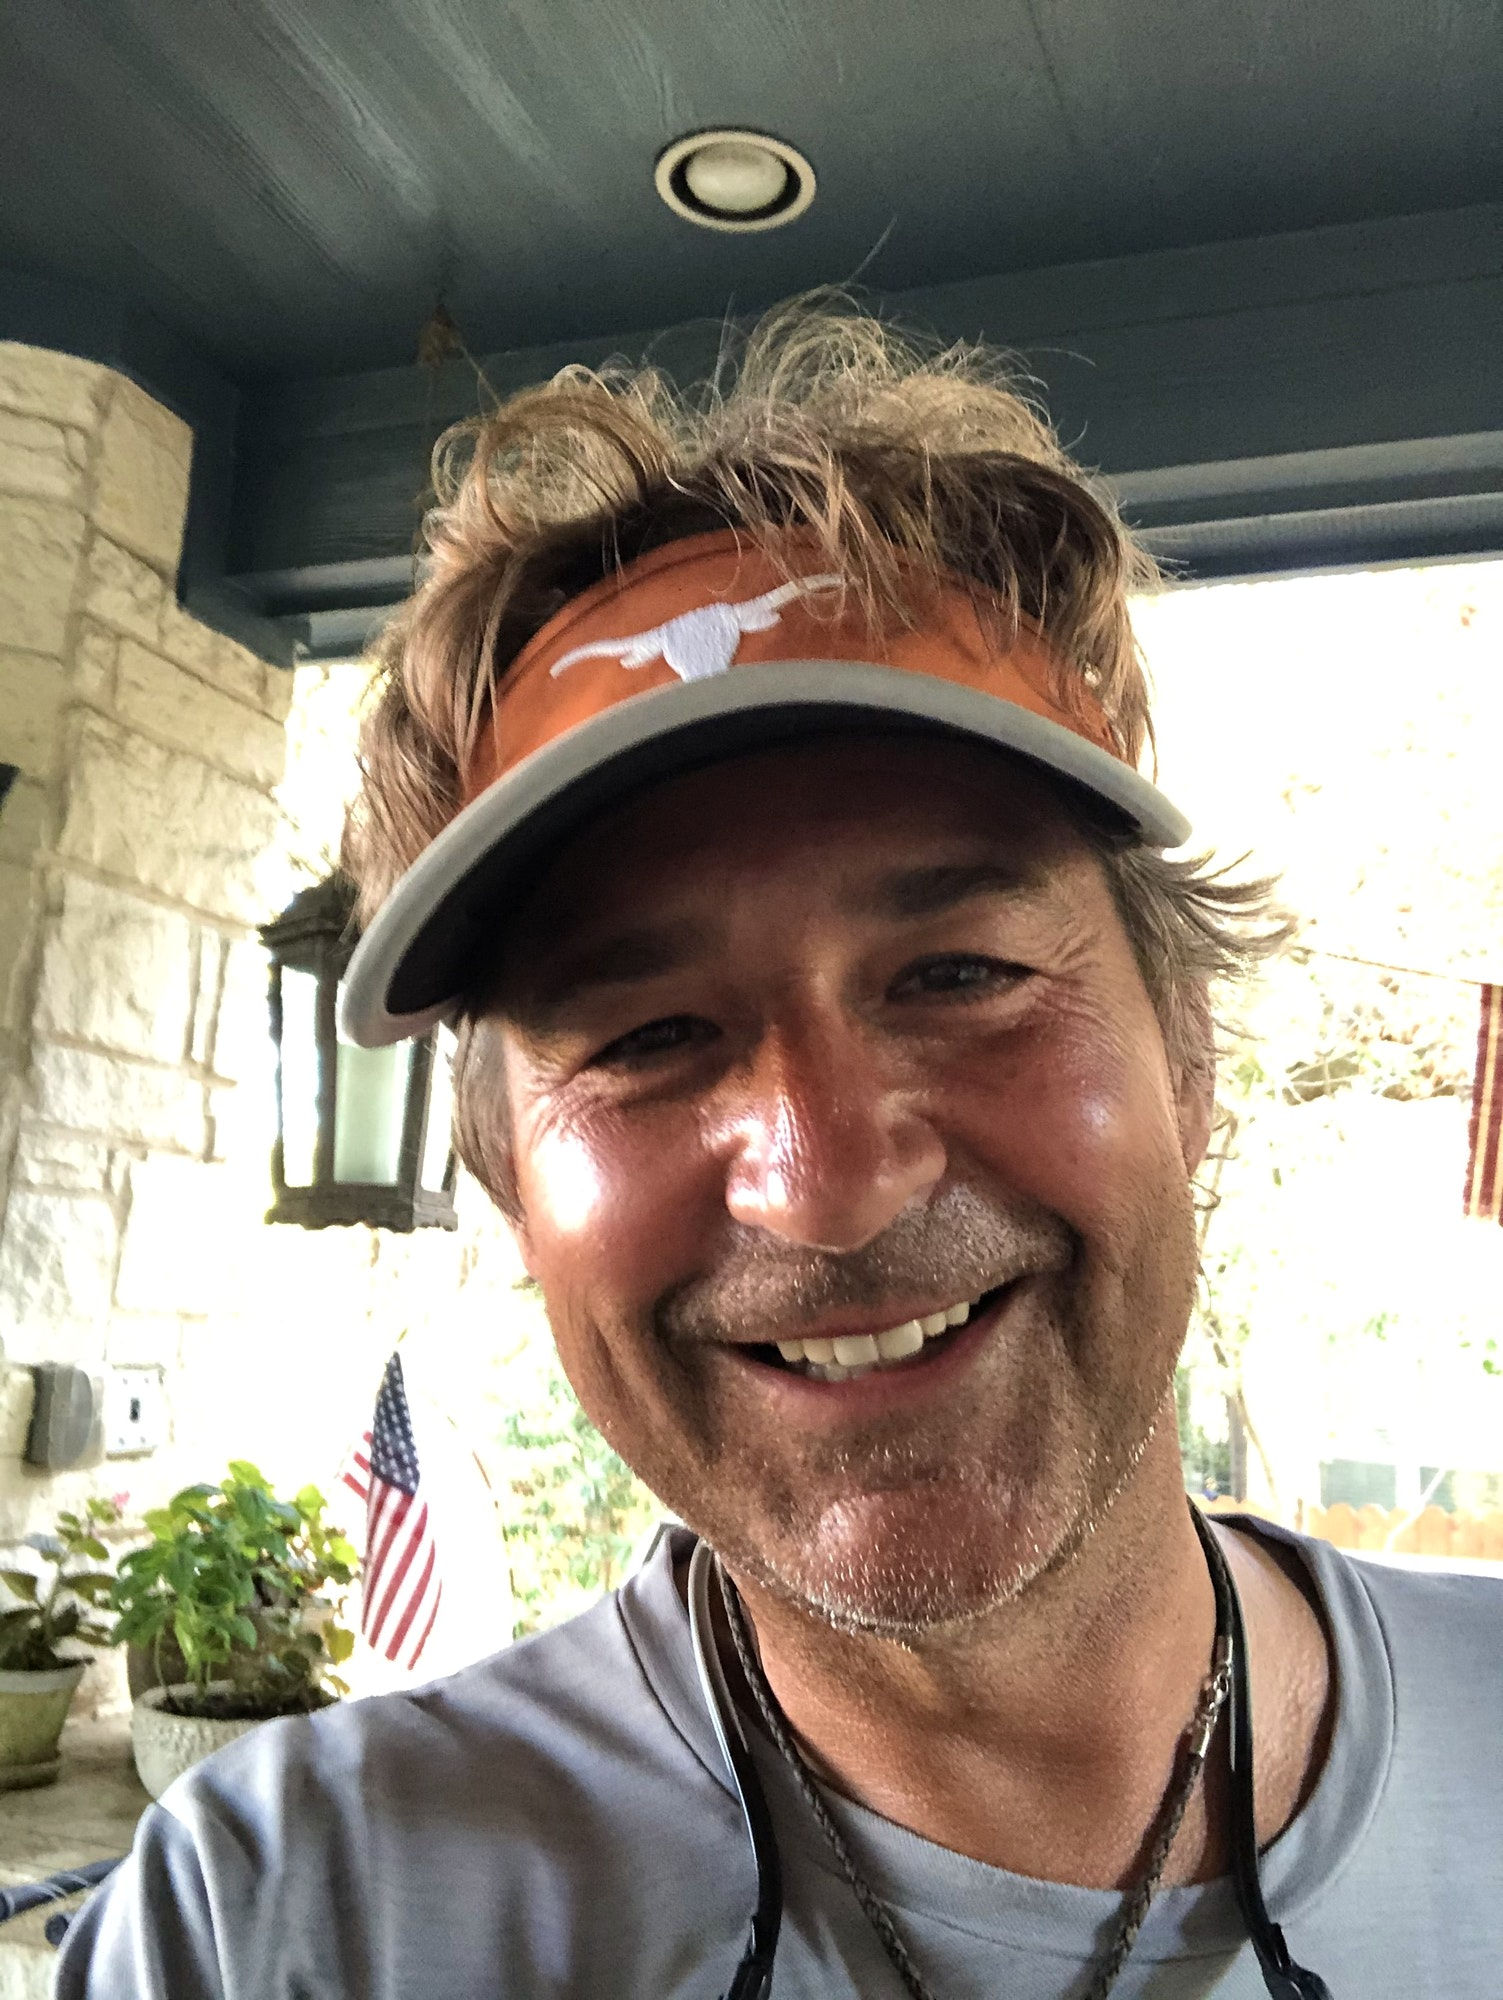 Eric H. teaches tennis lessons in Cedar Park, TX